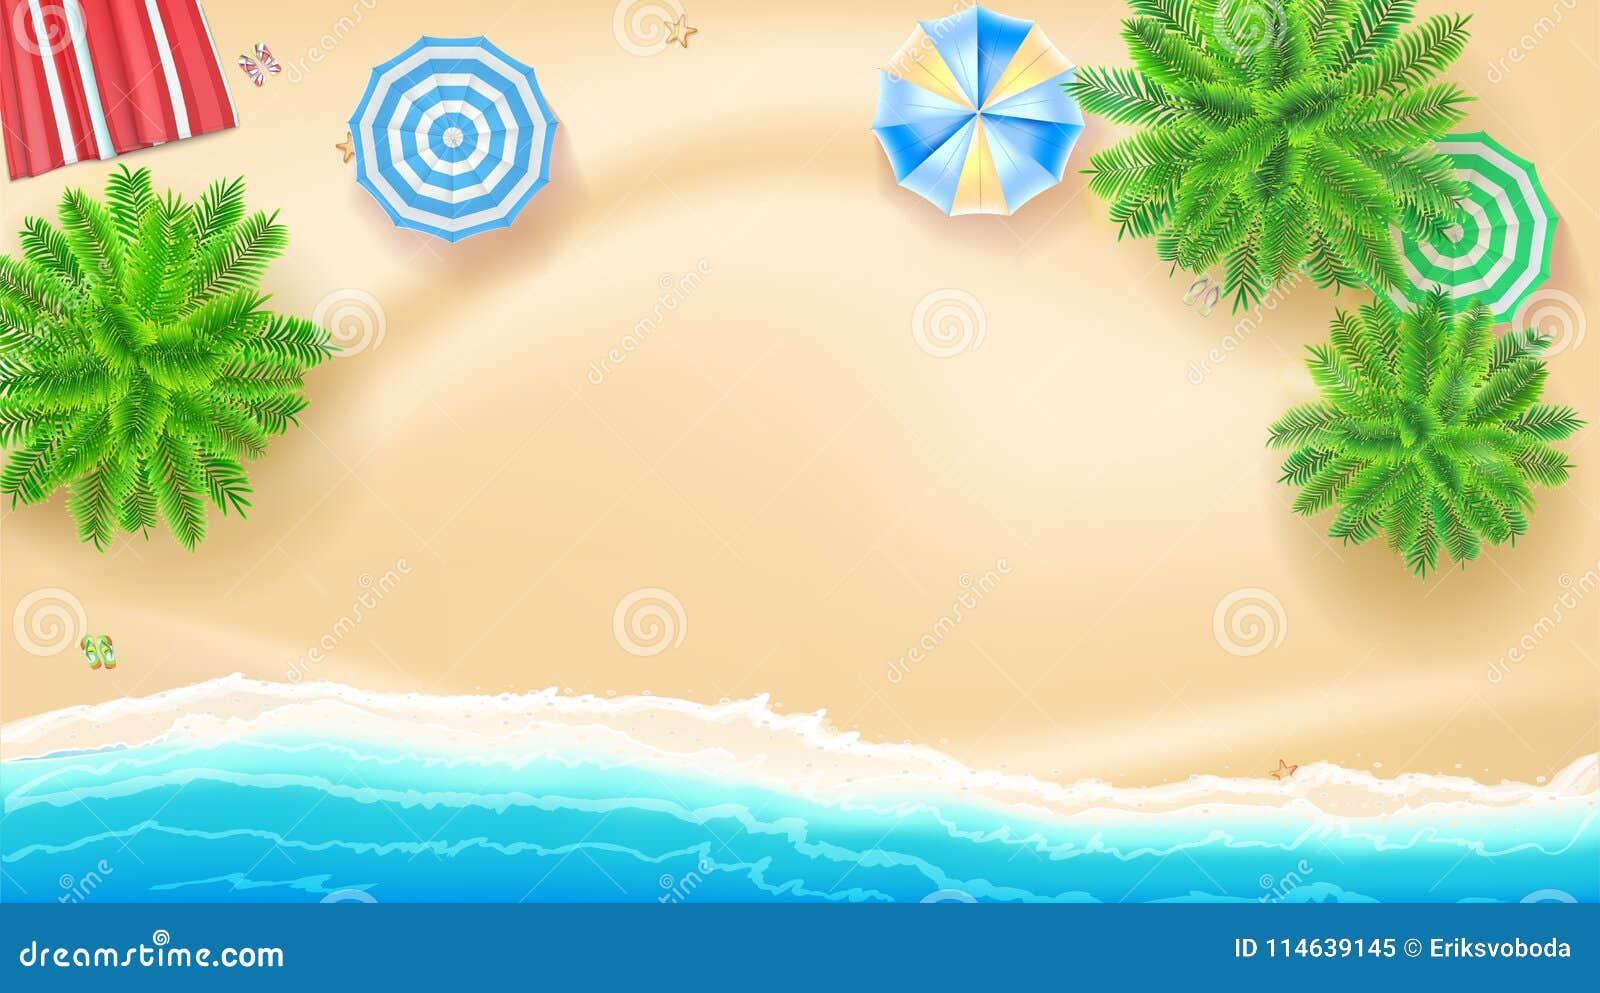 Disegni Di Spiaggia E Ombrelloni.Palme Ombrelloni Della Stuoia Della Spiaggia Sulla Spiaggia